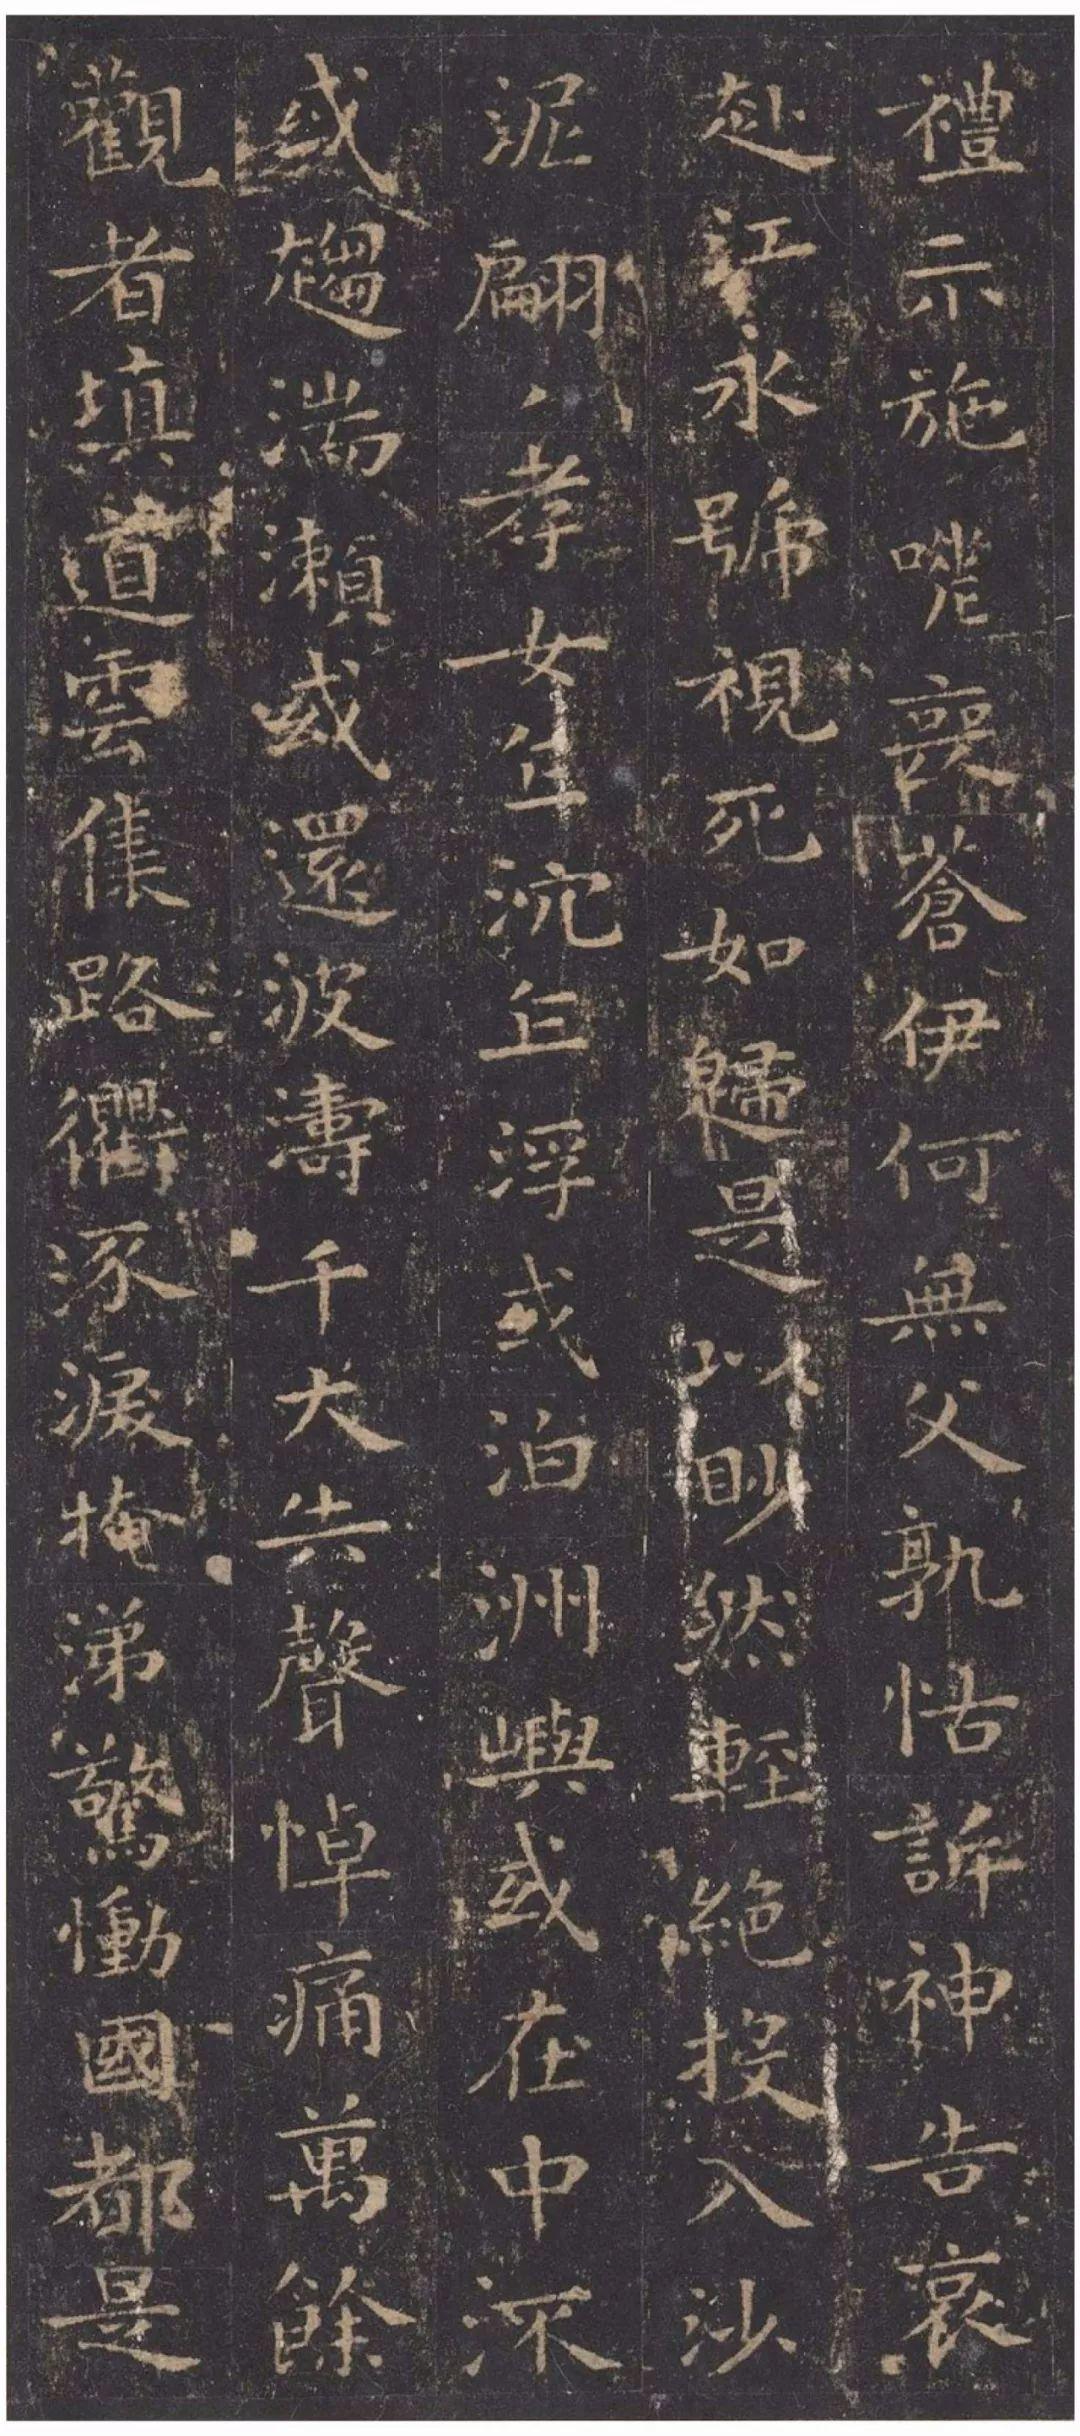 書法欣賞王羲之《孝女曹娥碑》 - 15練字網